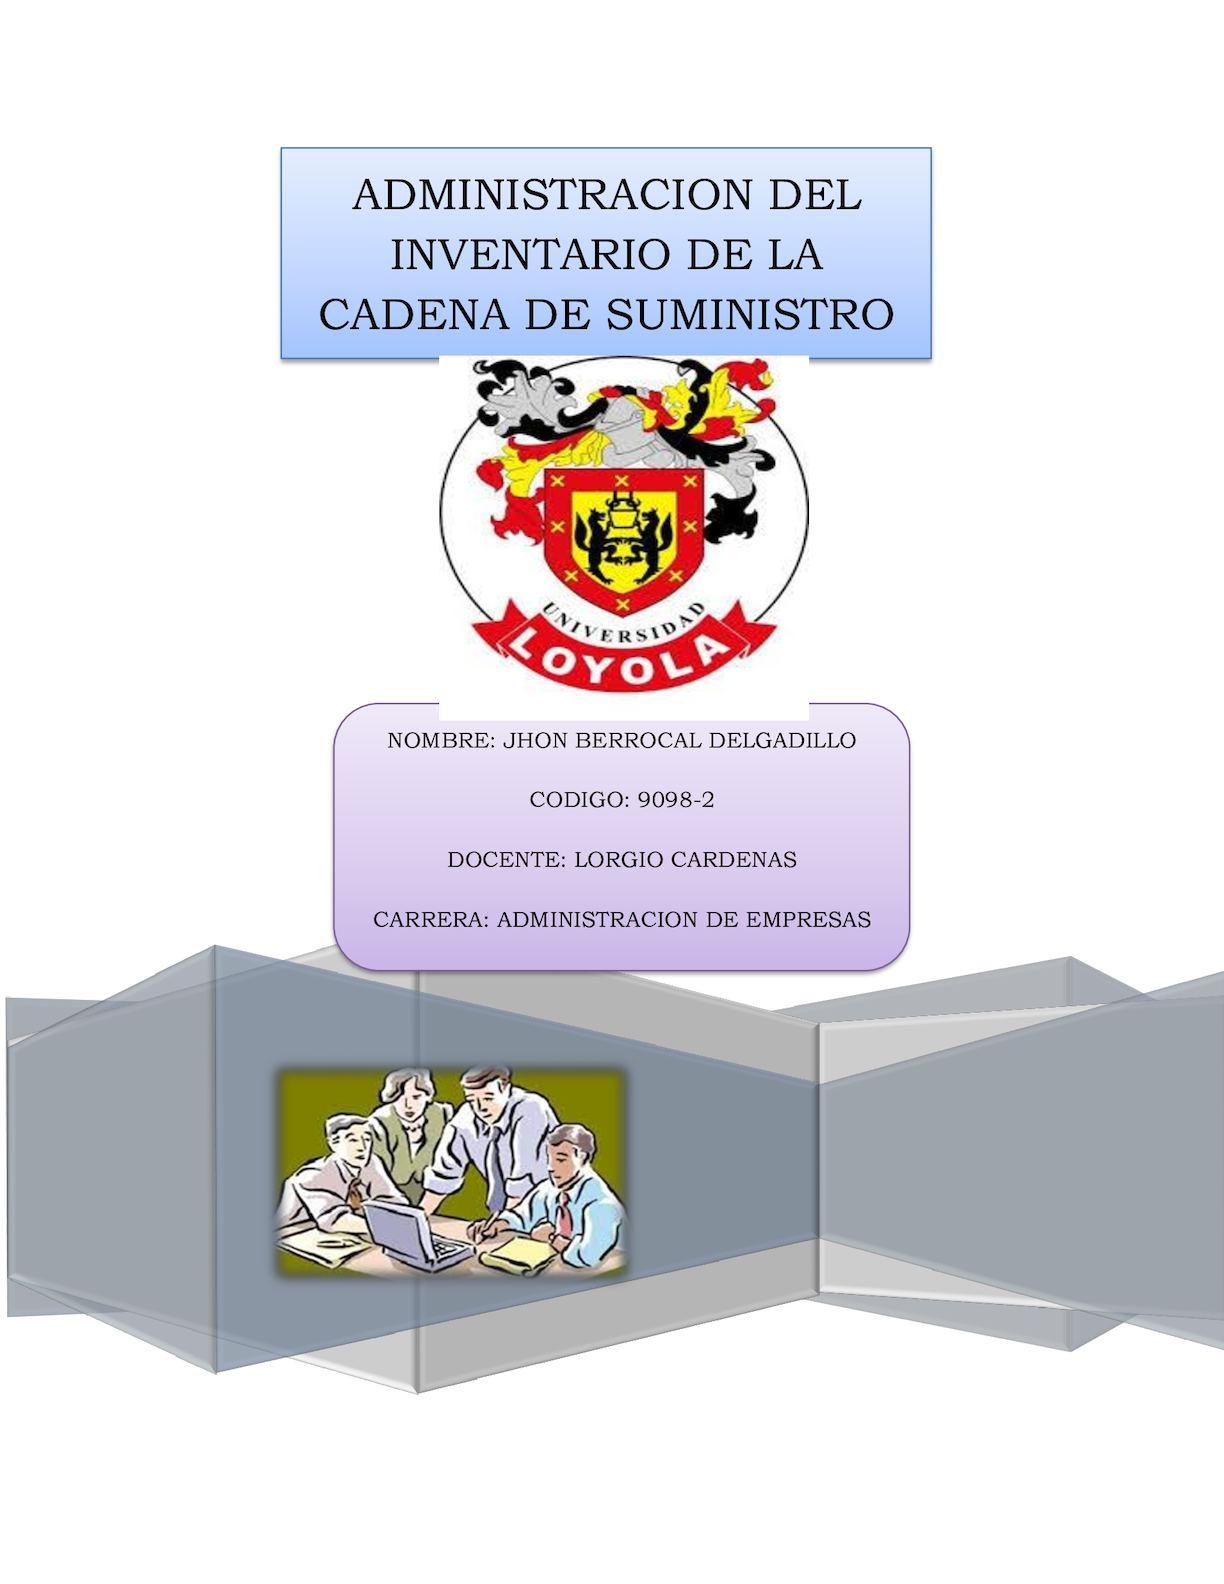 Calaméo - Administración Del Inventario De La Cadena De Suministro